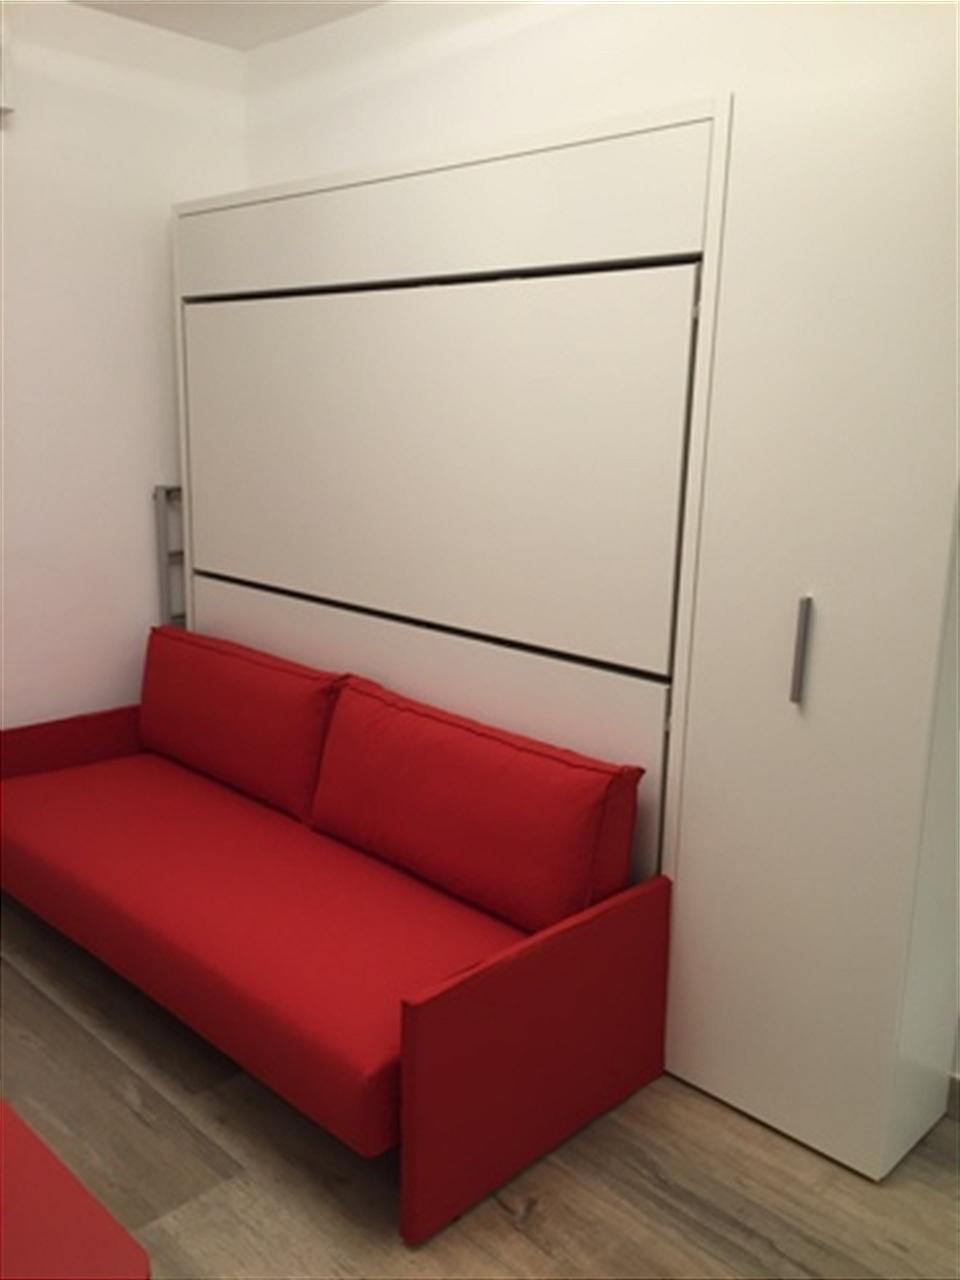 Clei letto kali duo sofa 39 2200 prezzo scontato outlet - Letto a scomparsa clei prezzi ...